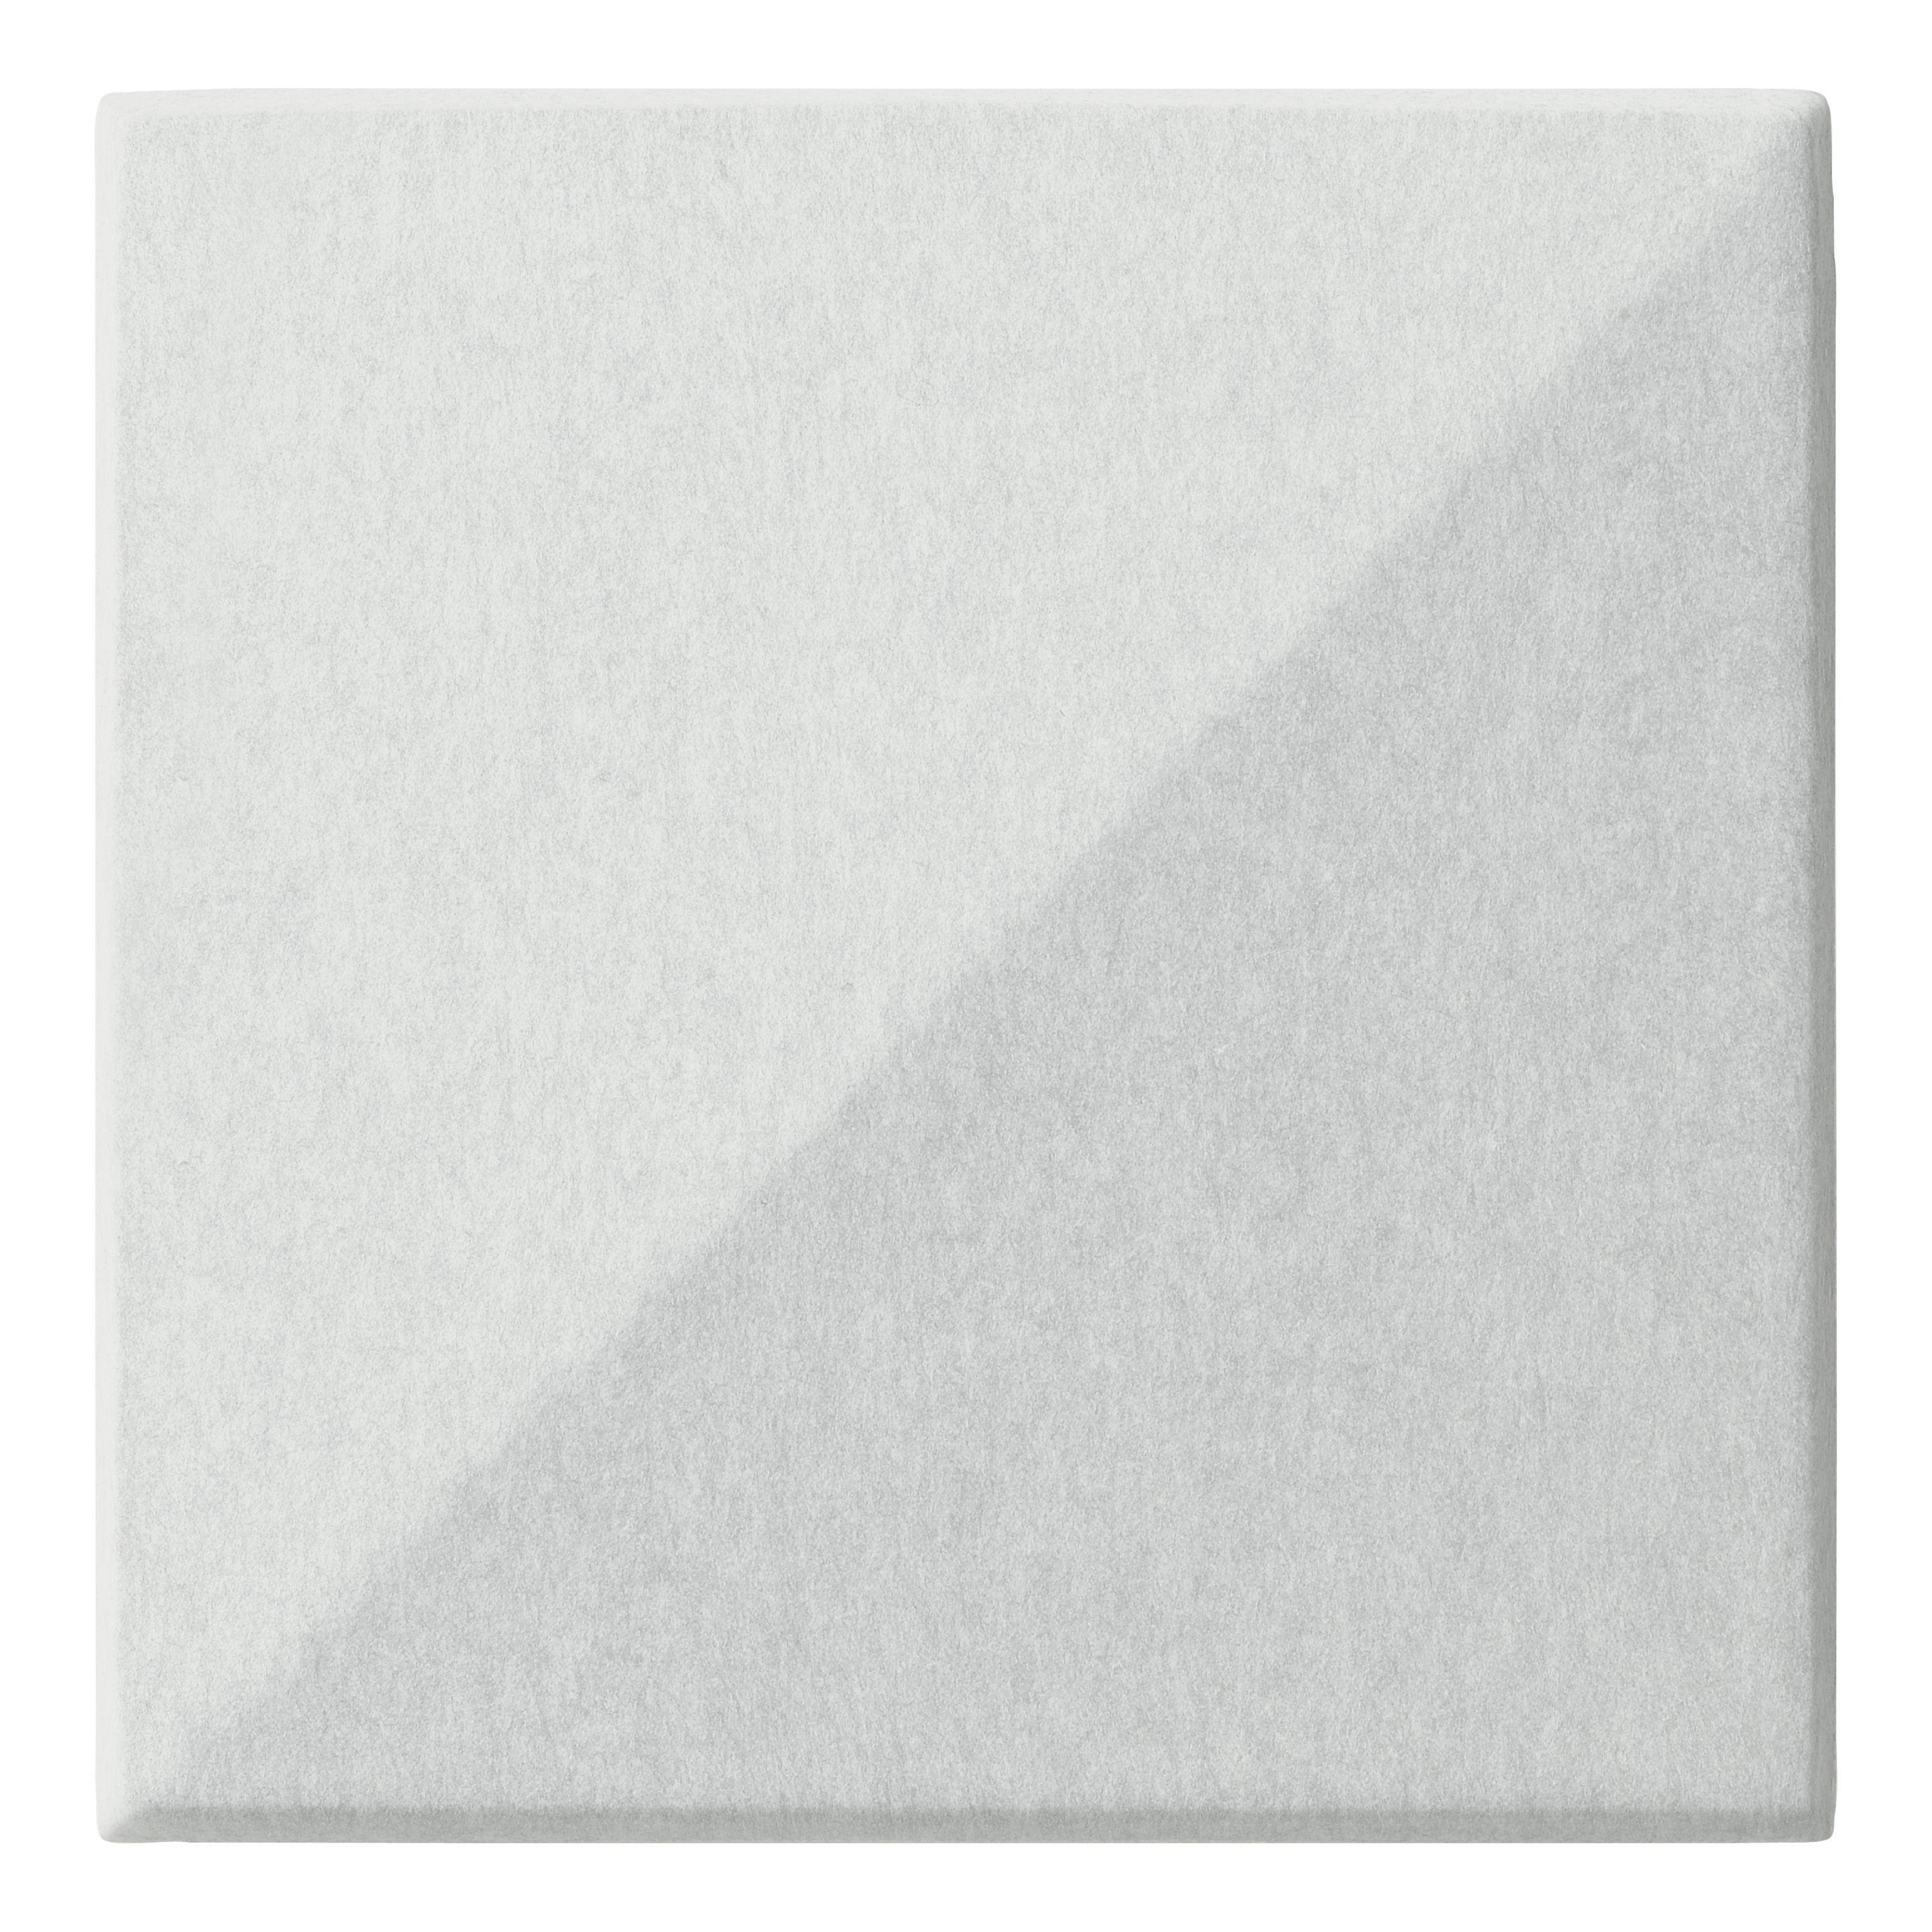 Arredamento - Separè, Paraventi... - Pannello acustico a muro Soundwave Bella di Offecct - Bianco - Fibra di poliestere, Lana